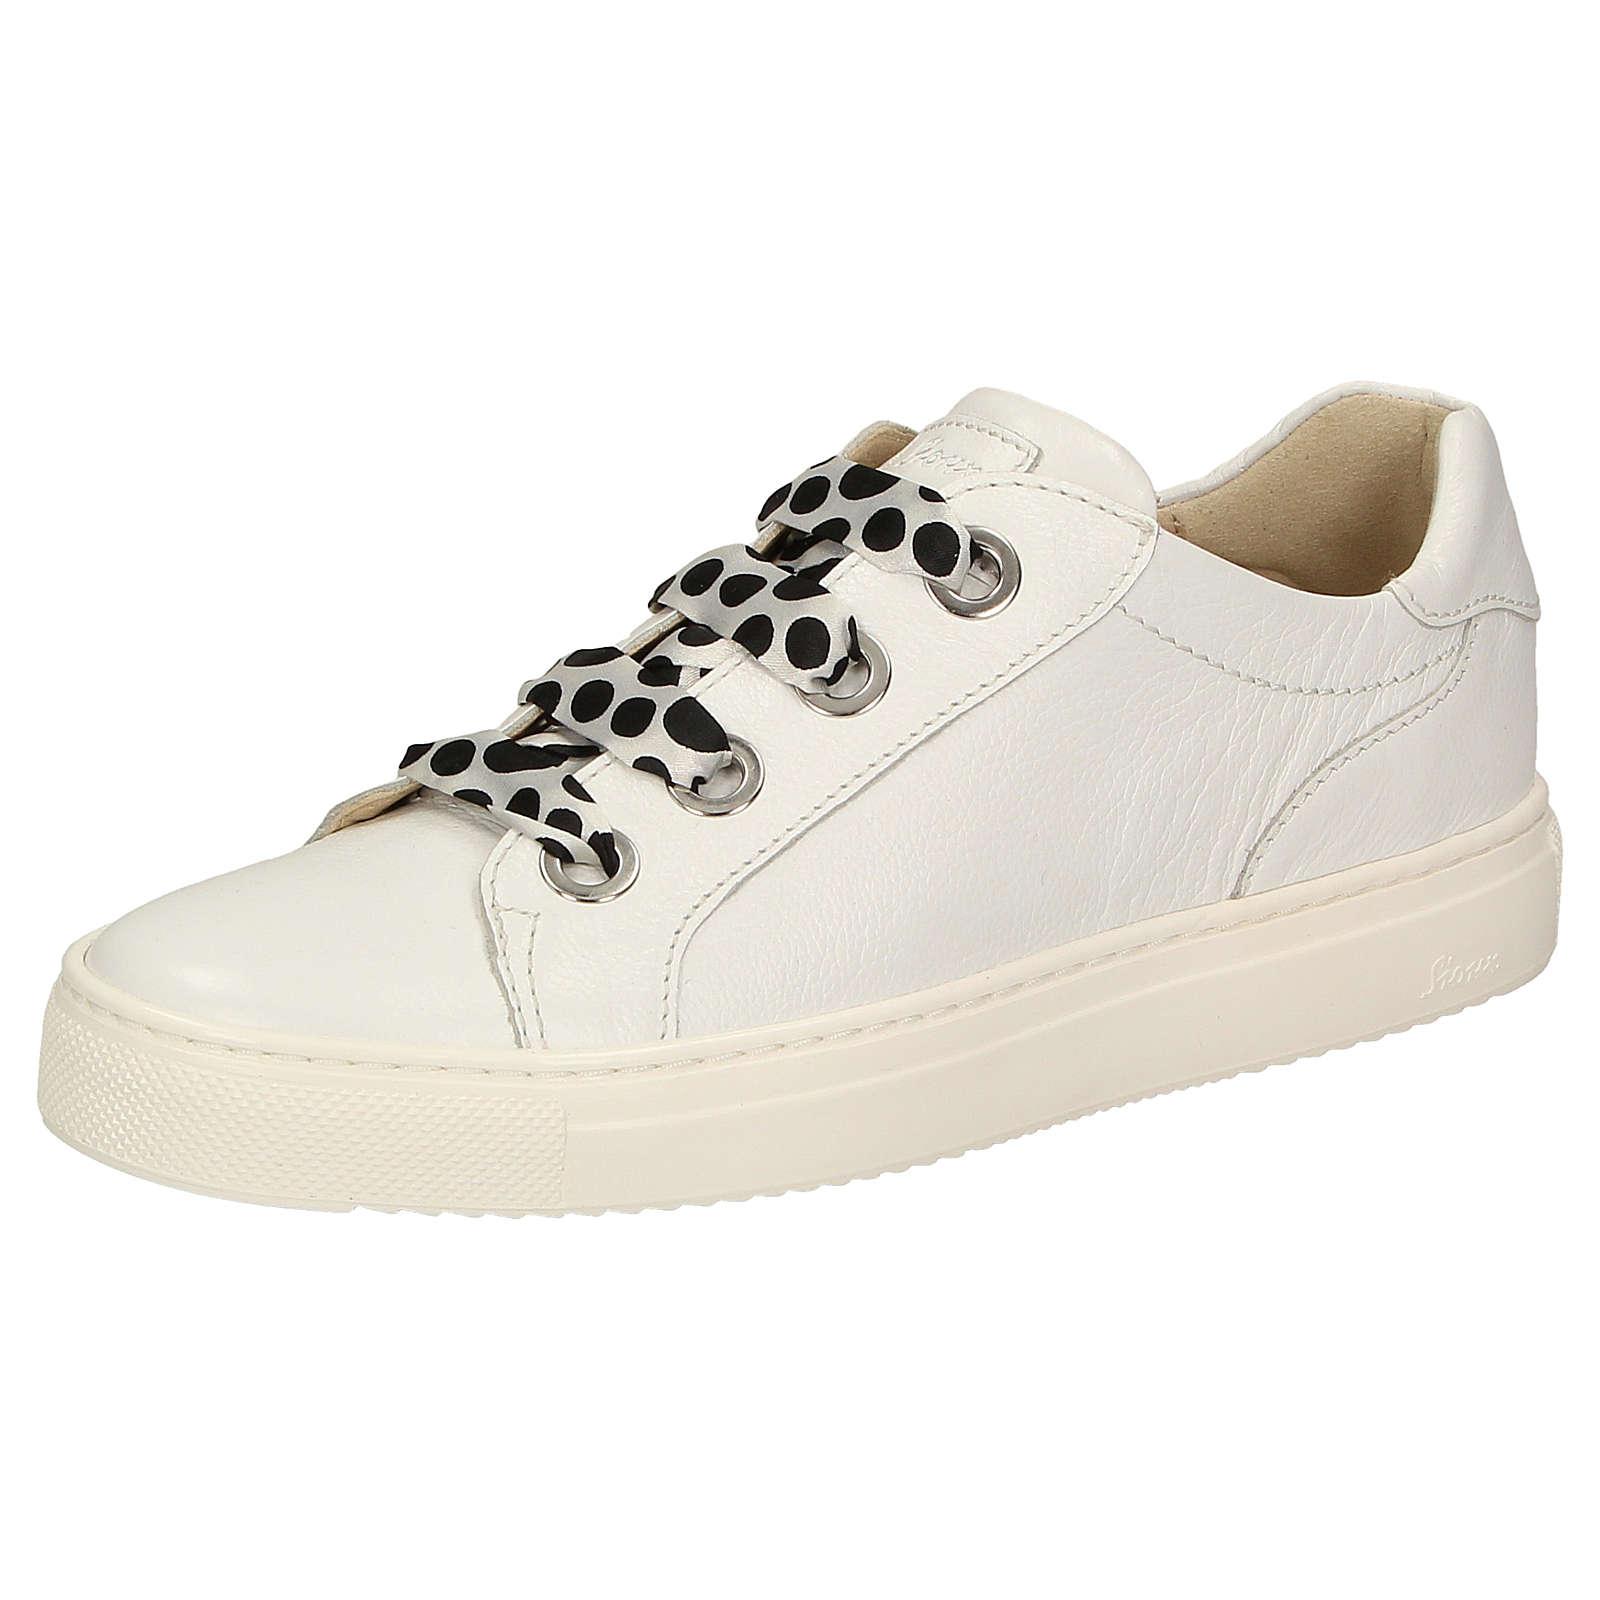 Sioux Sneaker Purvesia-702-XL Sneakers Low weiß Damen Gr. 35